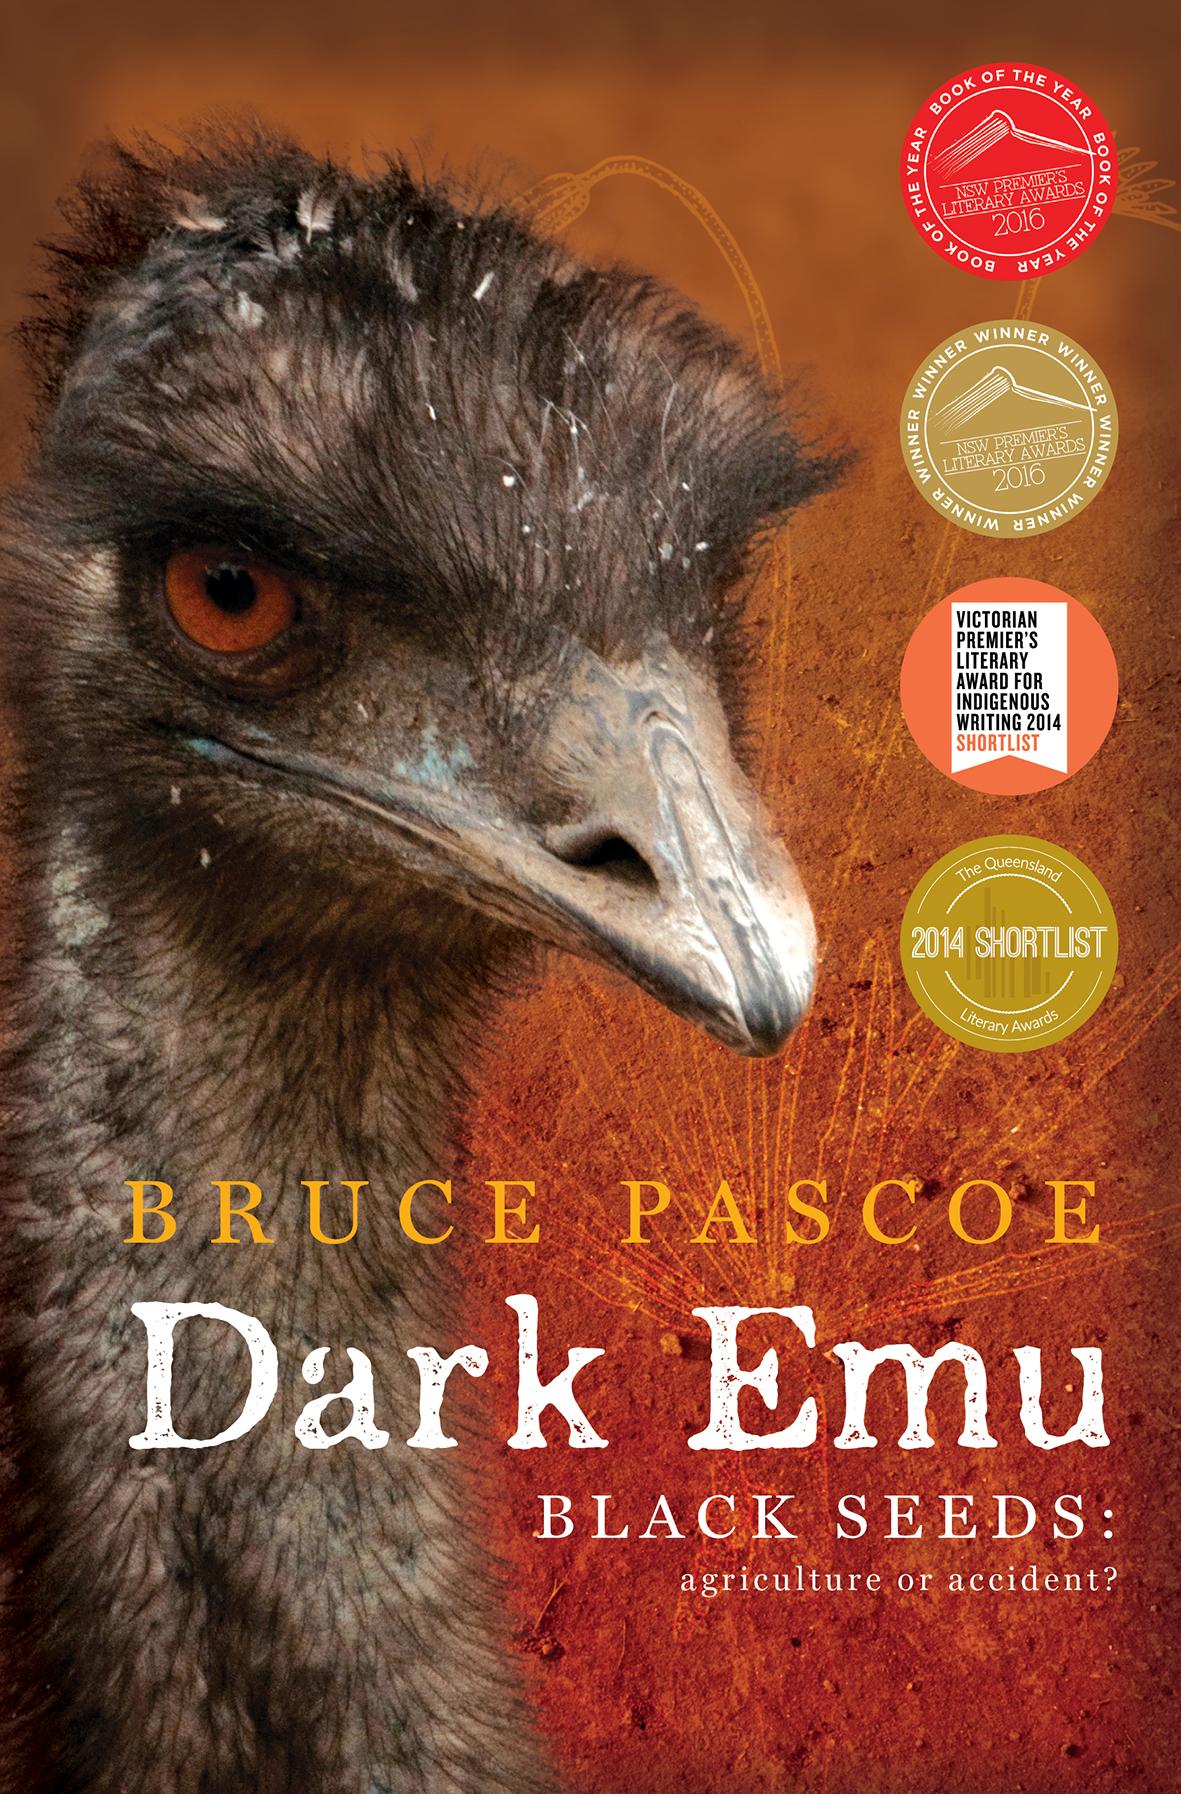 Dark Emu Black Seeds: Agriculture or Accident